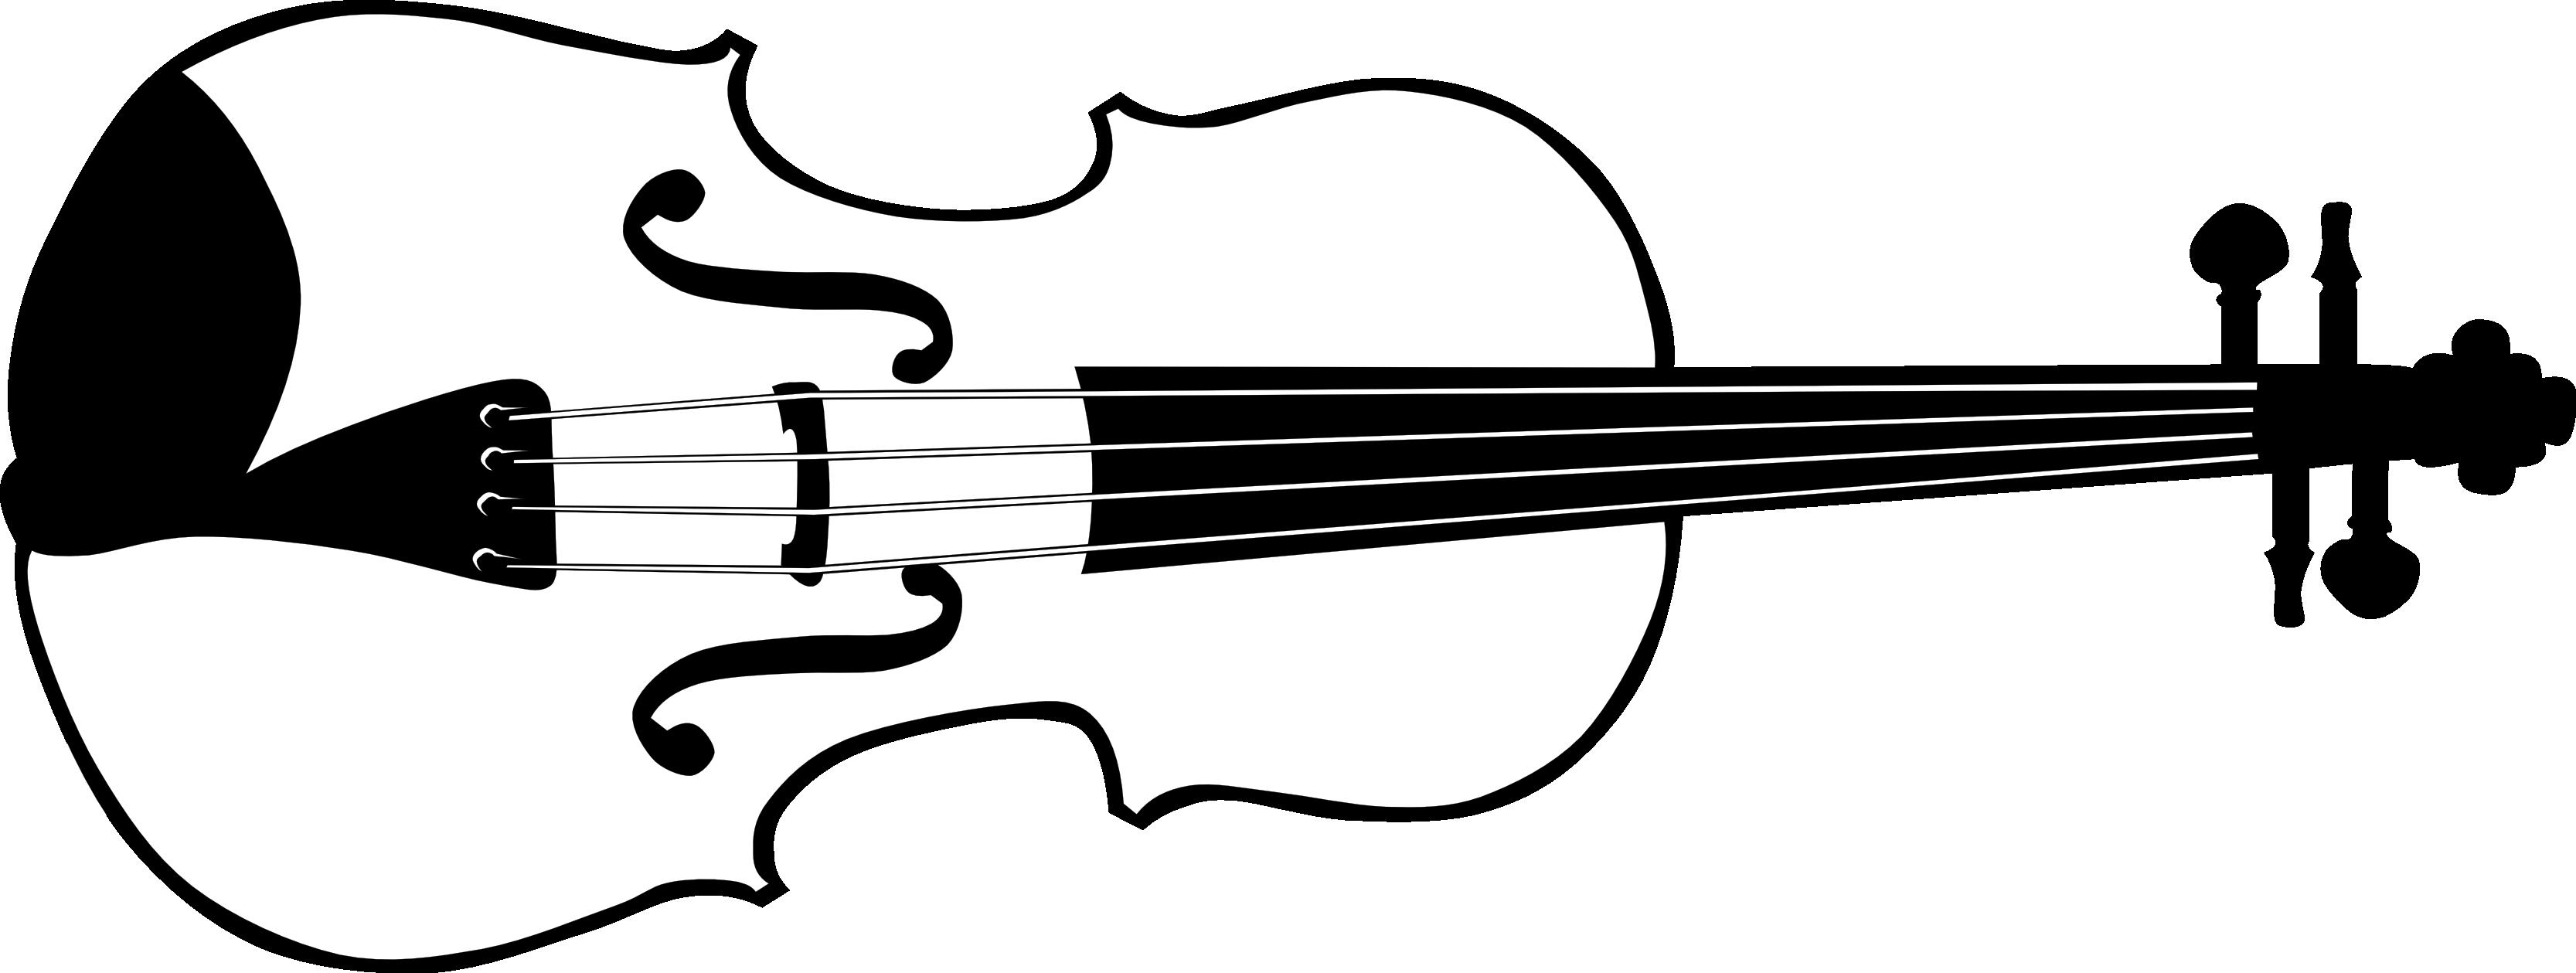 Piano clipart kid. Black white violin pencil